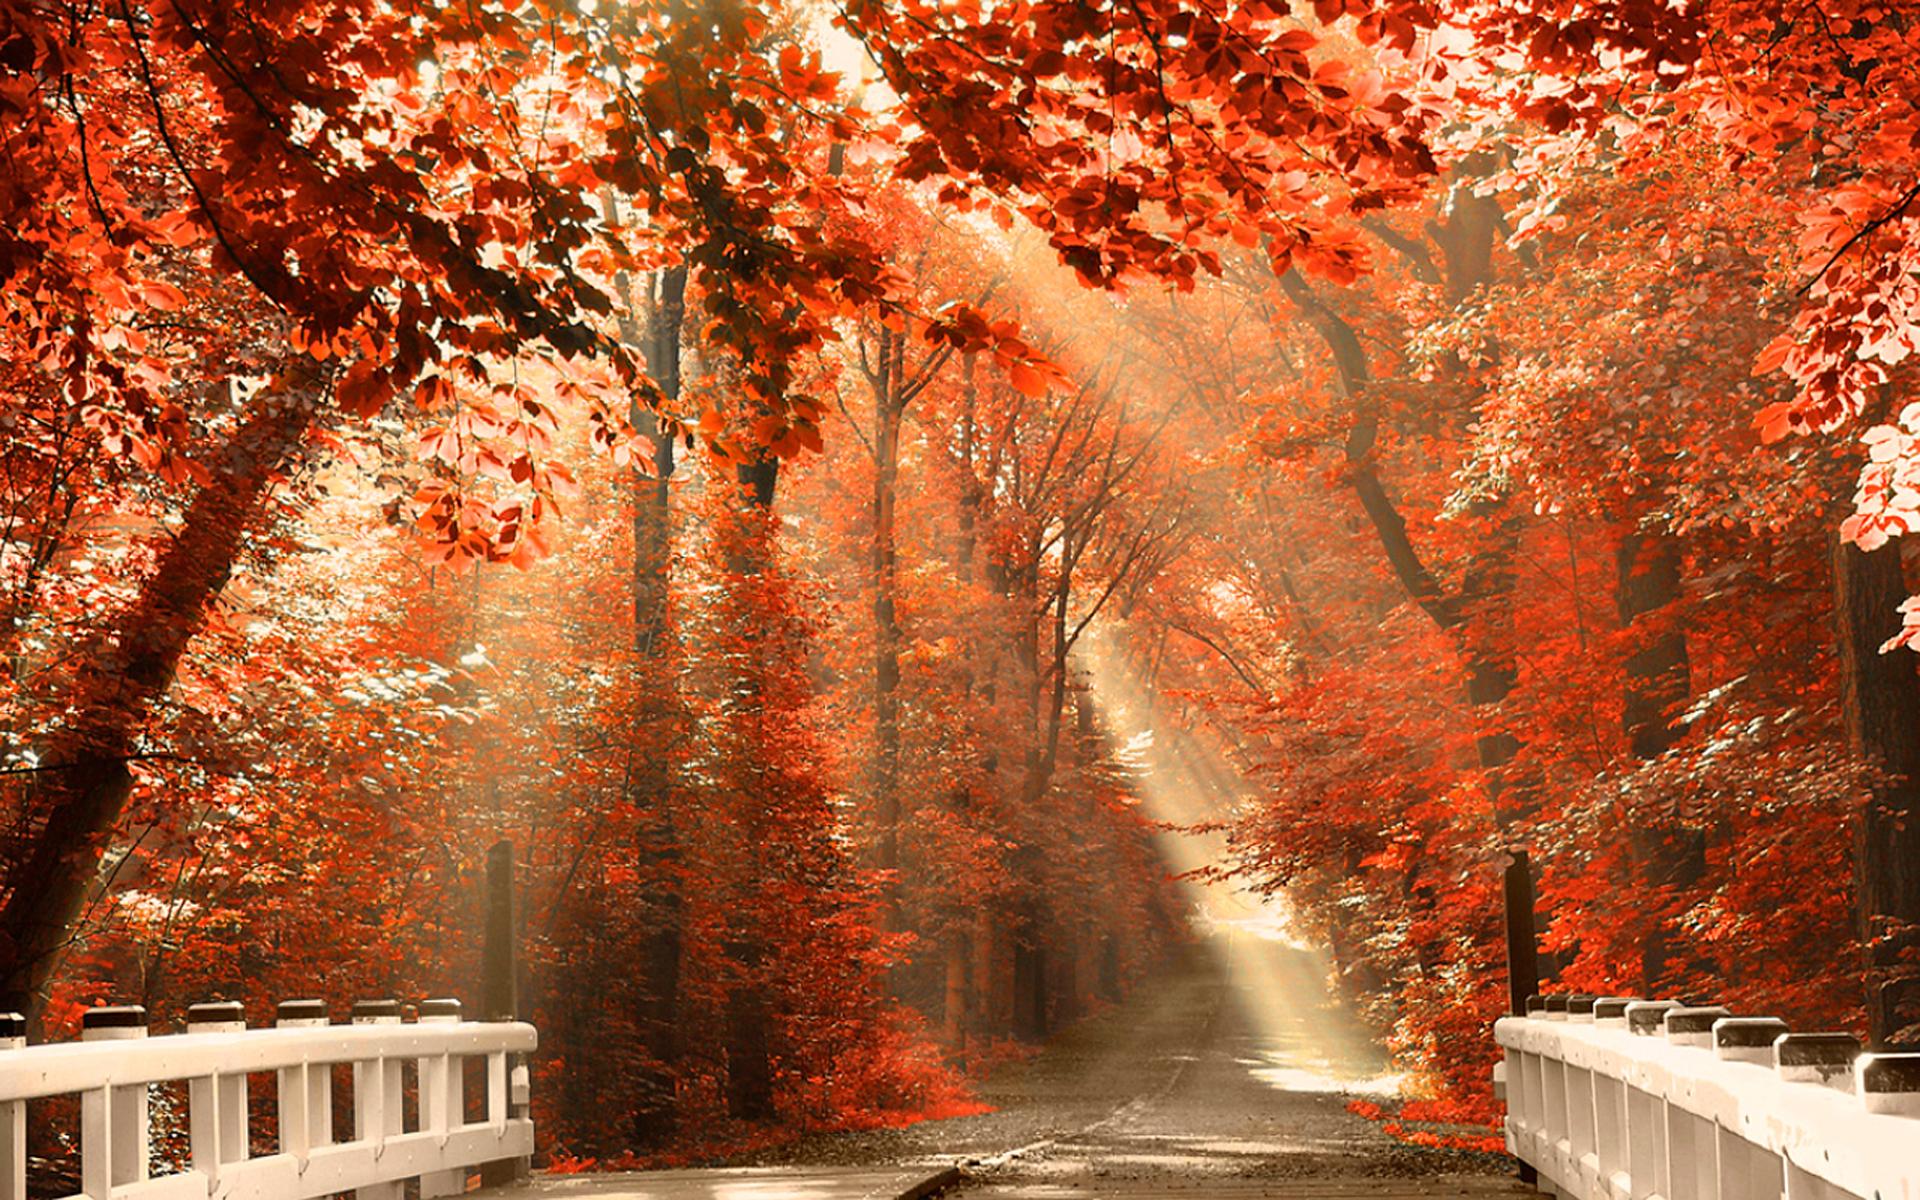 Autumn Nature Desktop Backgrounds wallpaper wallpaper hd 1920x1200